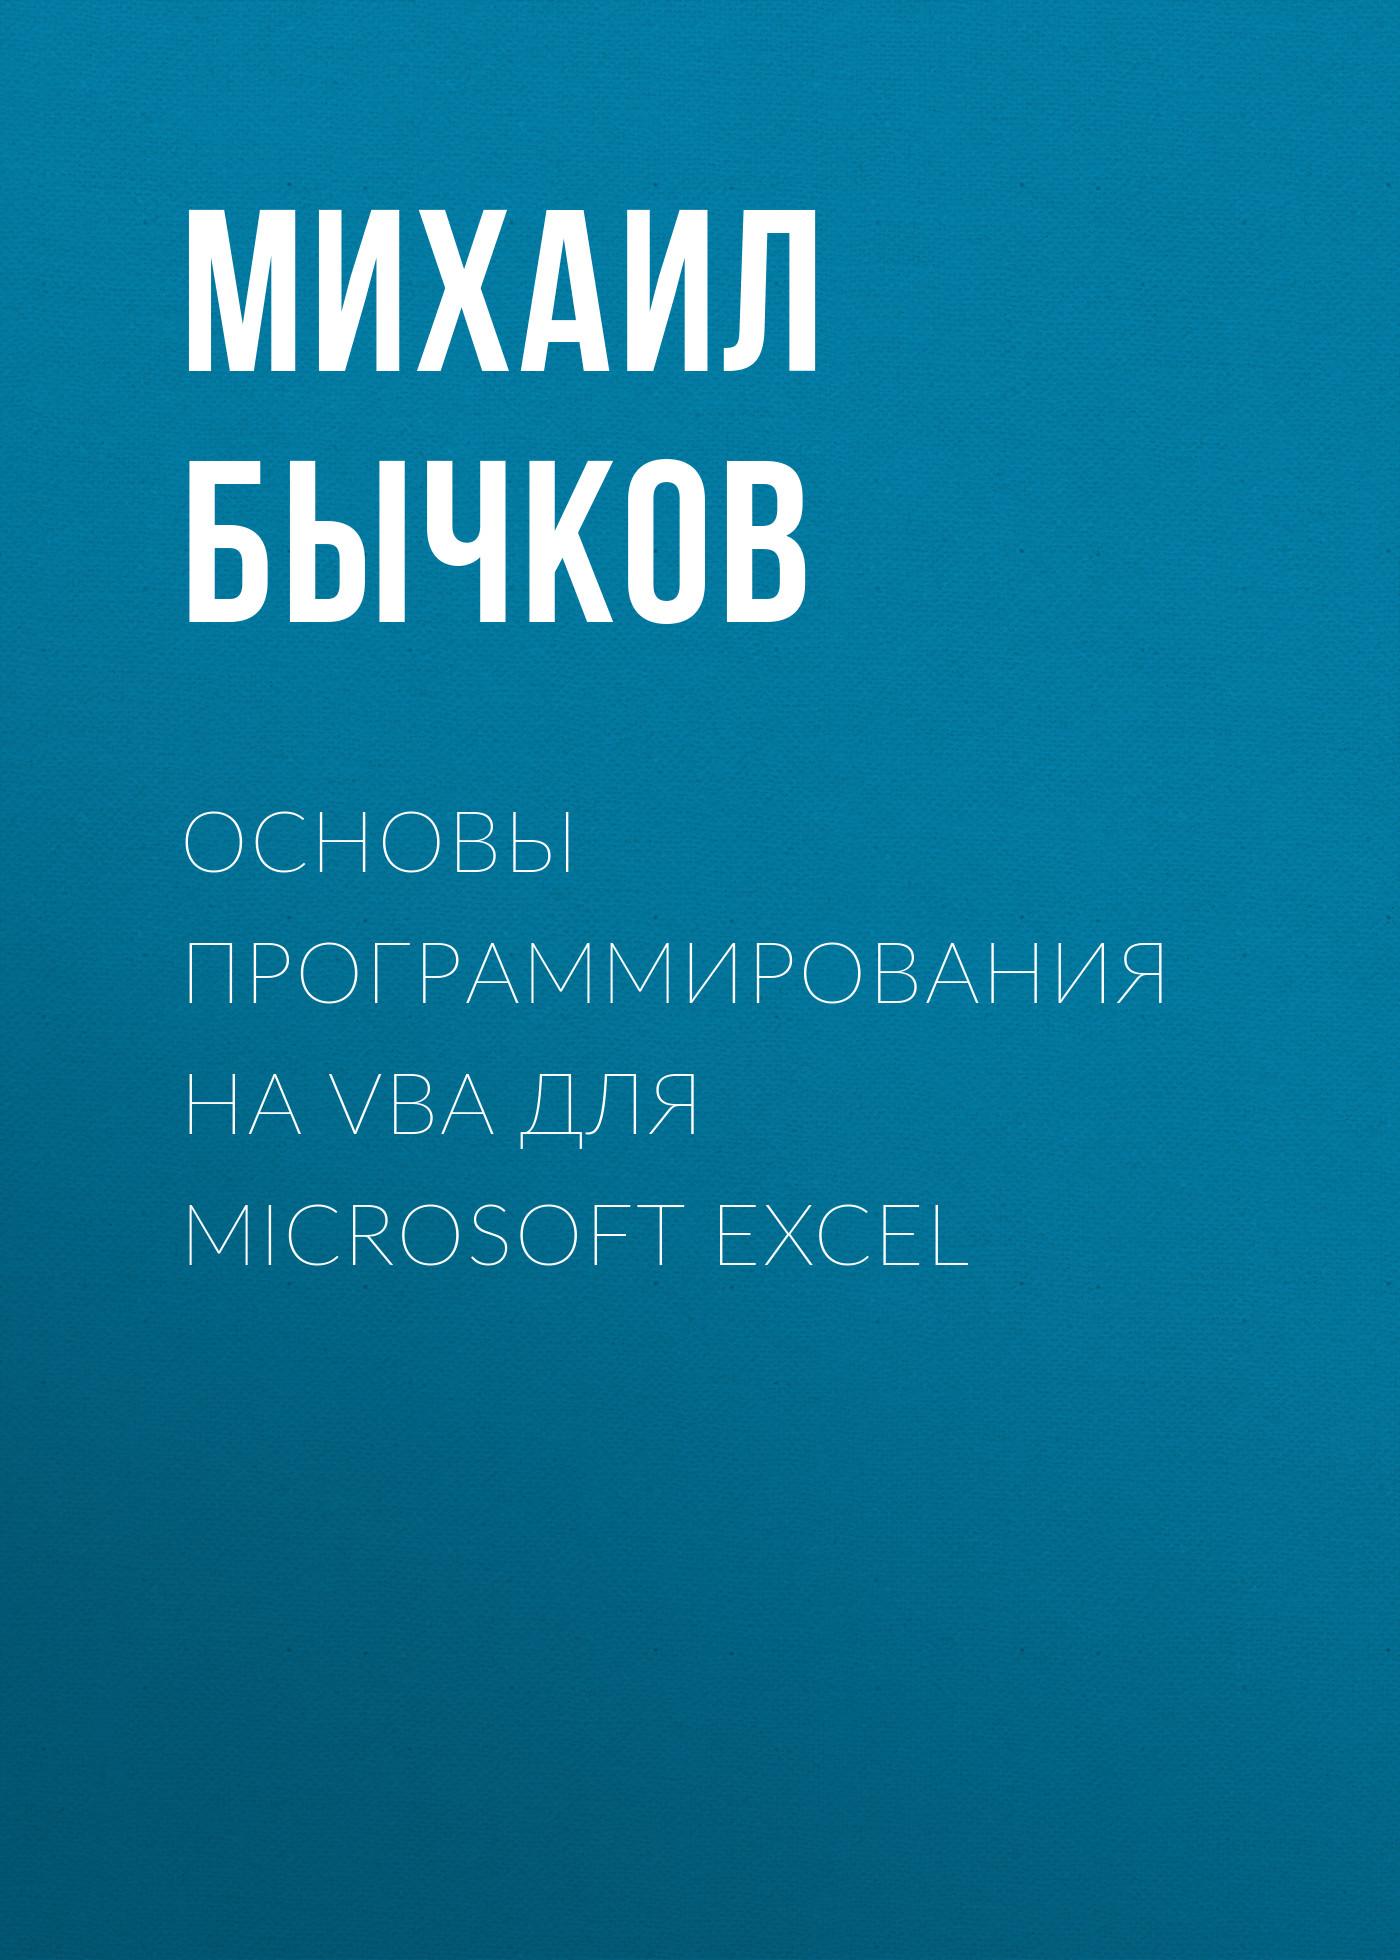 Михаил Бычков Основы программирования на VBA для Microsoft Excel а а казанский прикладное программирование на excel 2013 учебное пособие